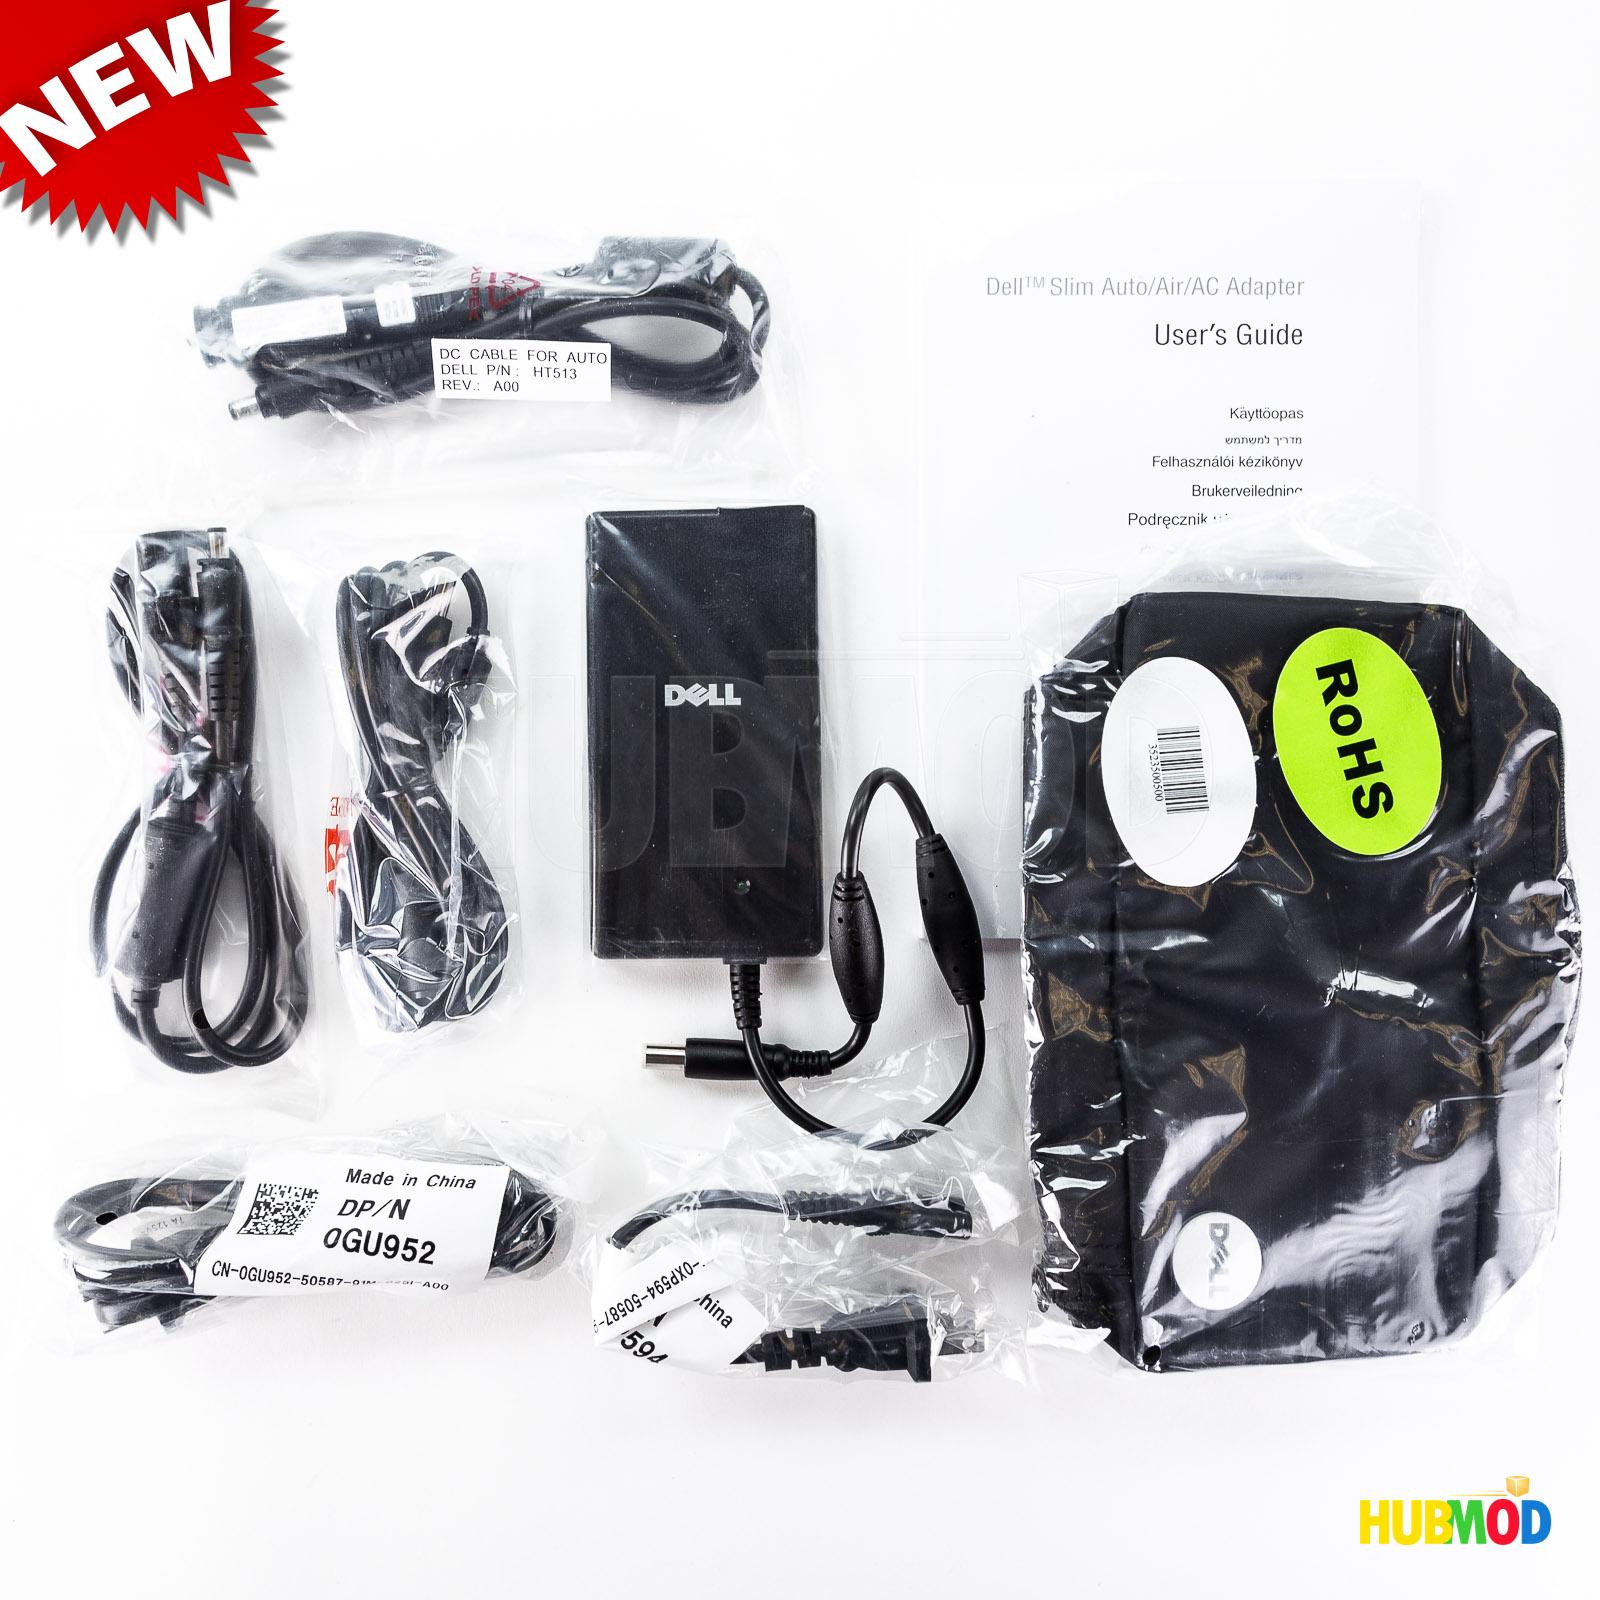 NEW GENUINE DELL PA 12 65W Slim Auto Air AC Adapter 0UT101 Model DA65NS3 00